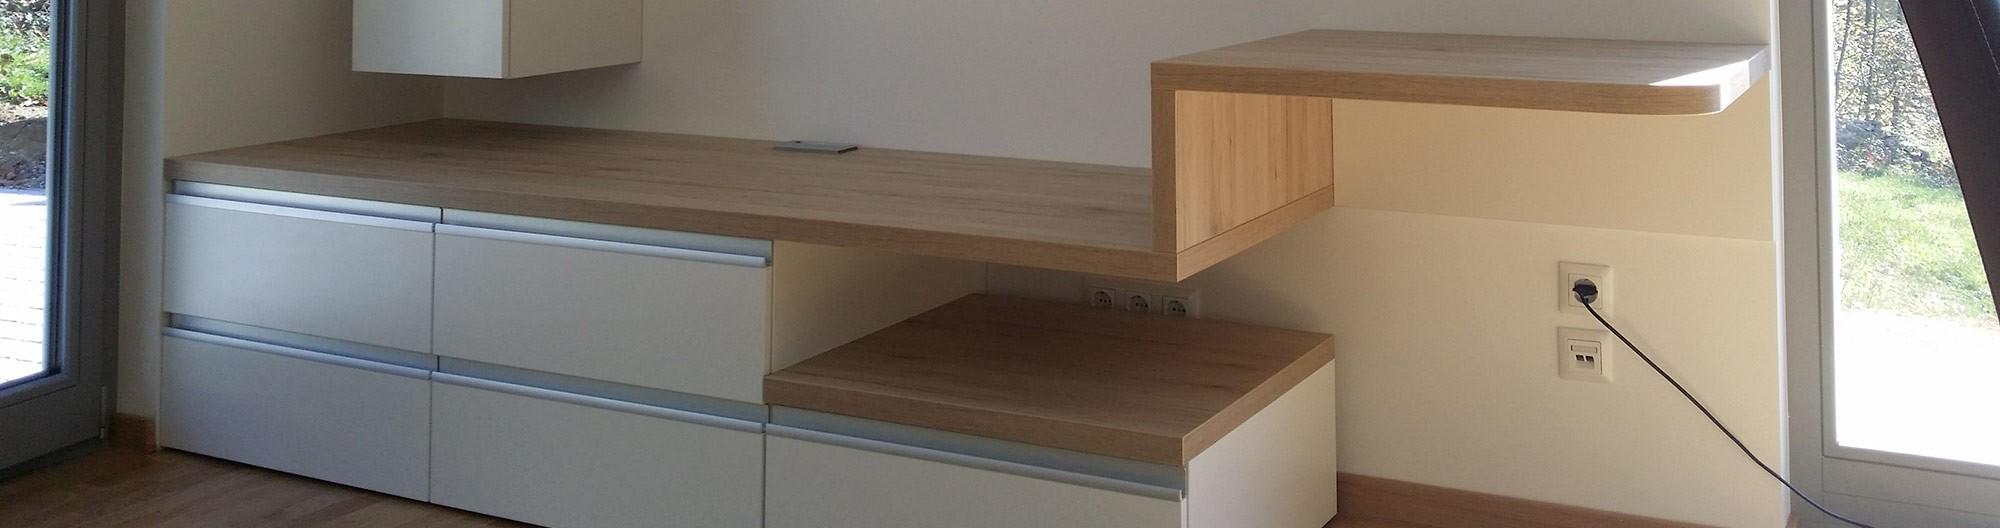 Pohištvo po meri za majhna stanovanja